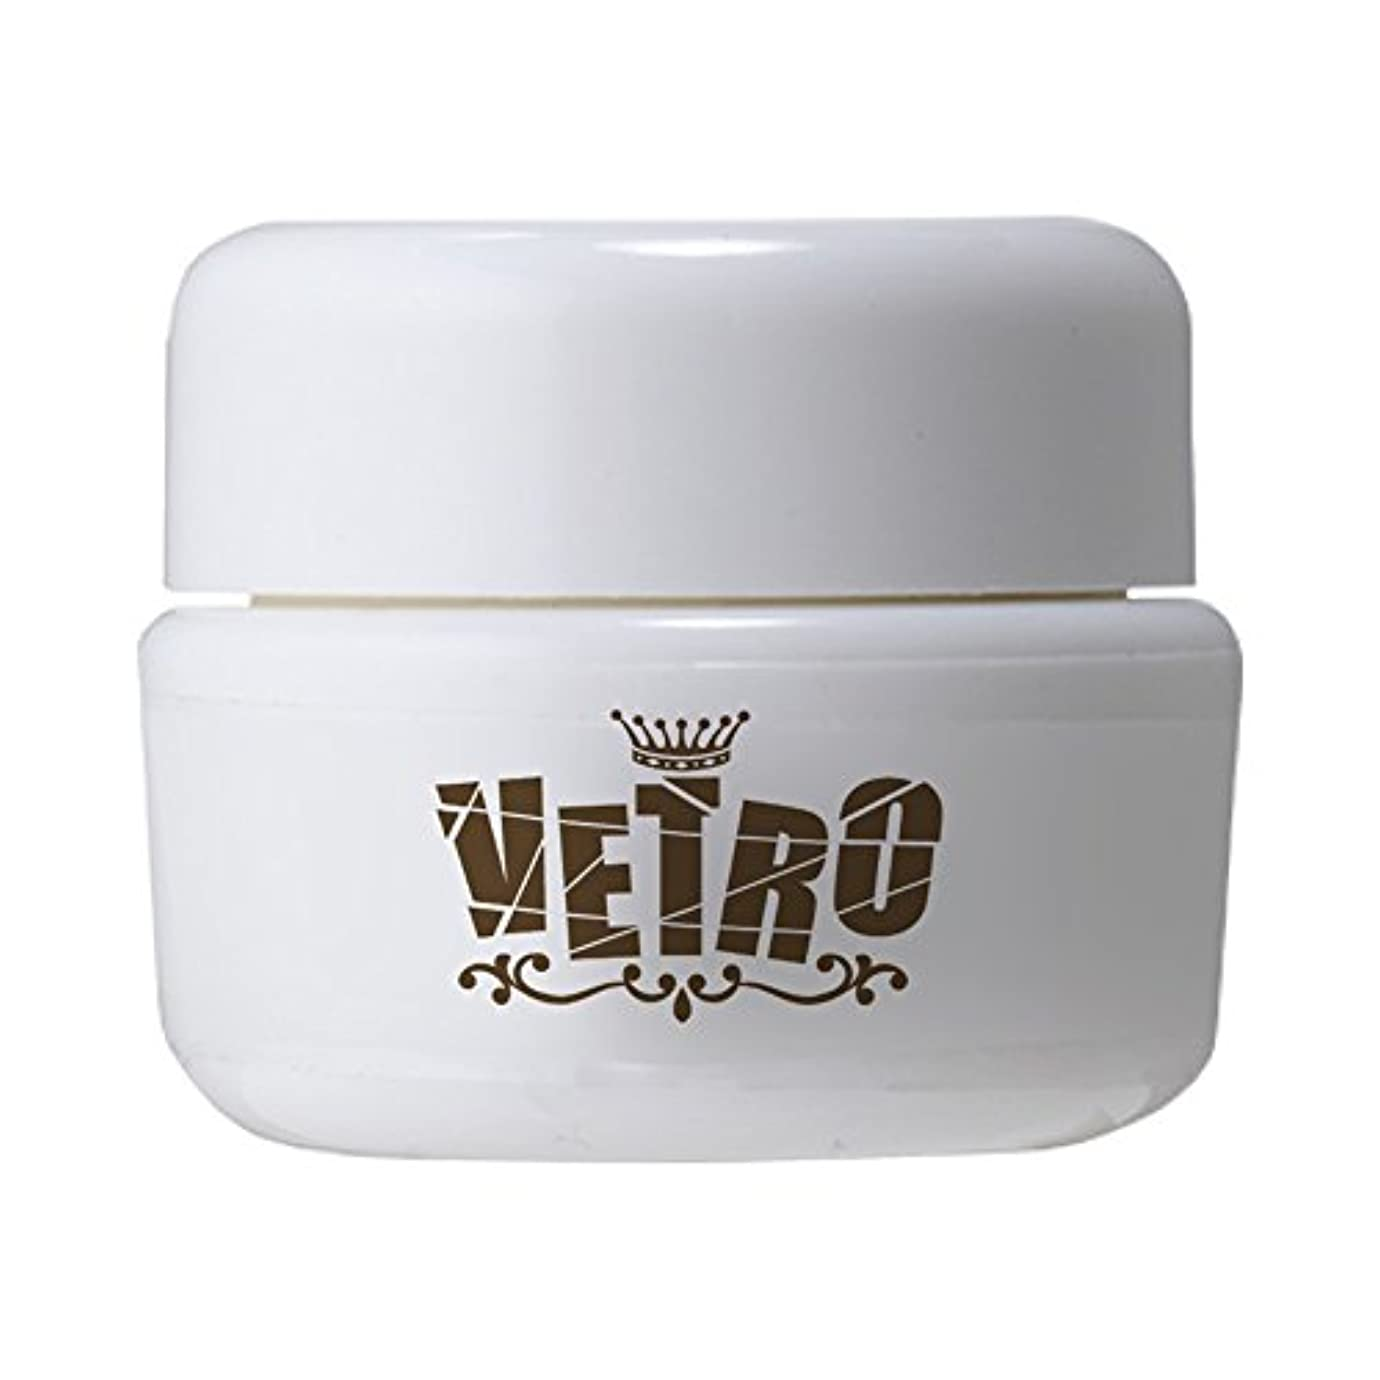 ソフィー衝突する神経VETRO No.19 カラージェル シアー VL387 mk-デイジー 4ml